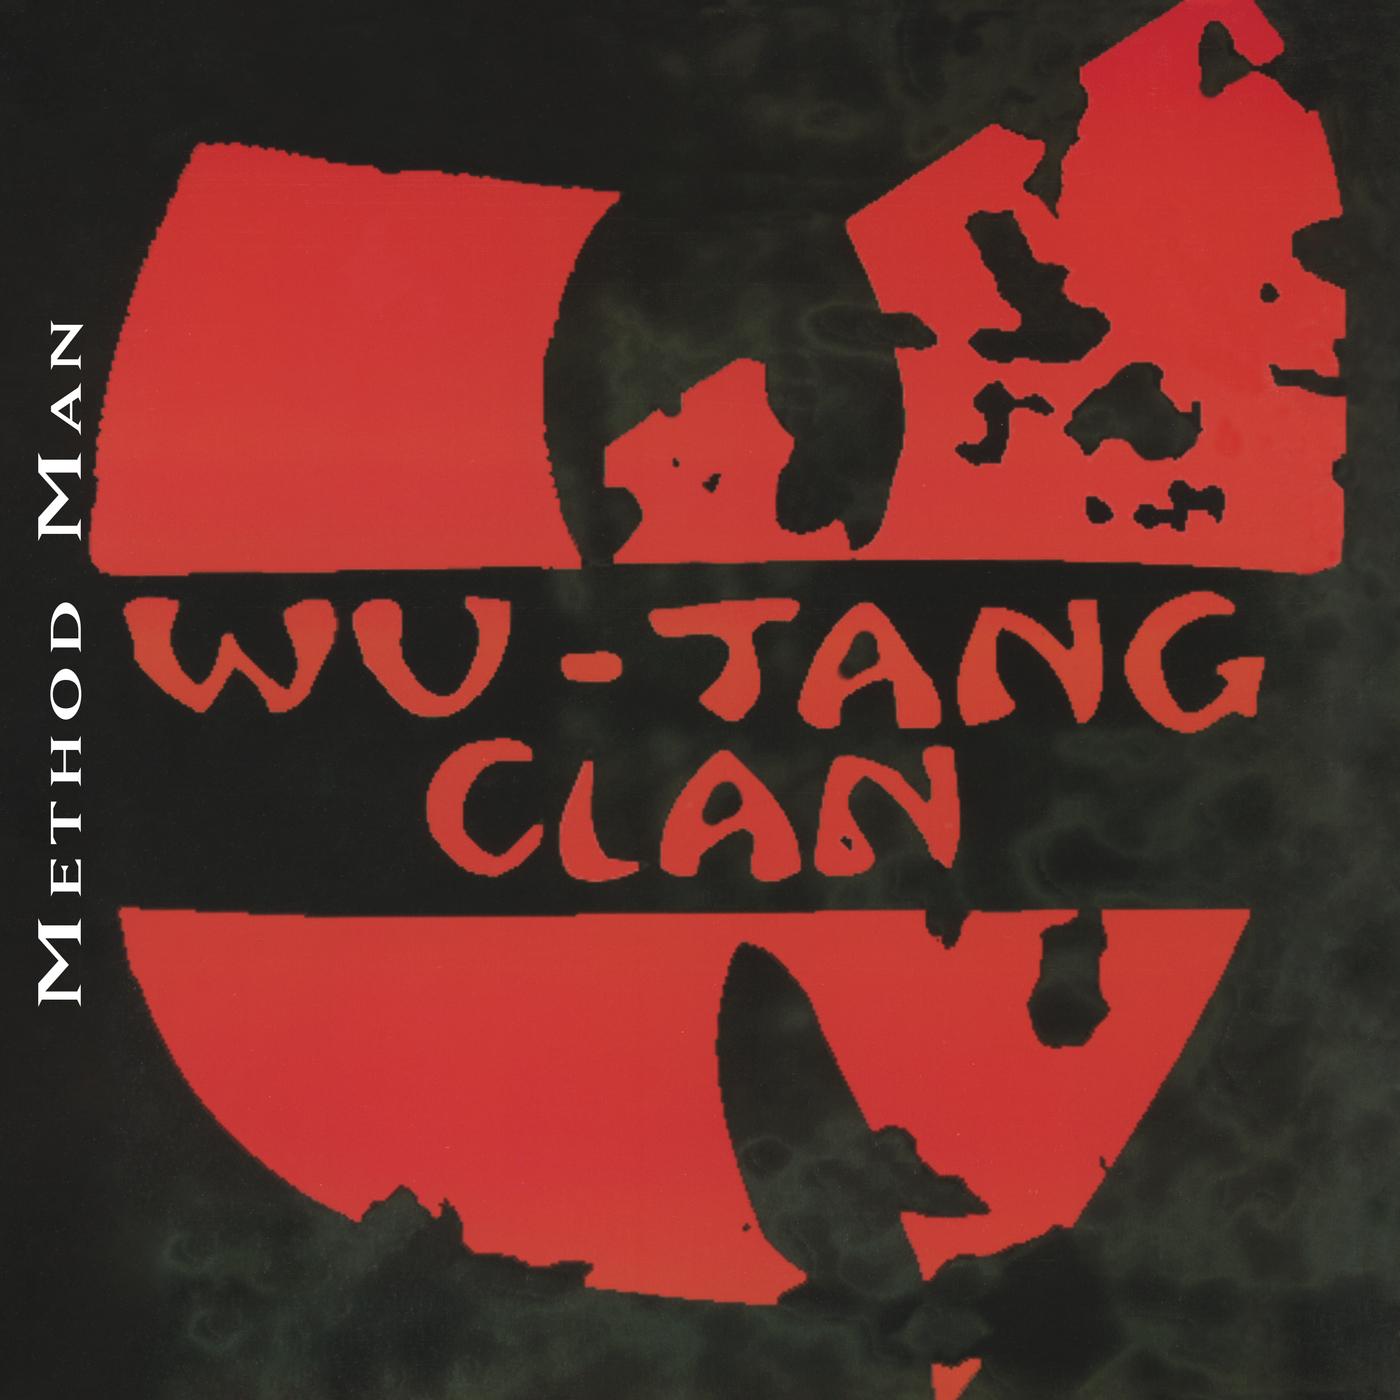 Method Man - Wu-Tang Clan